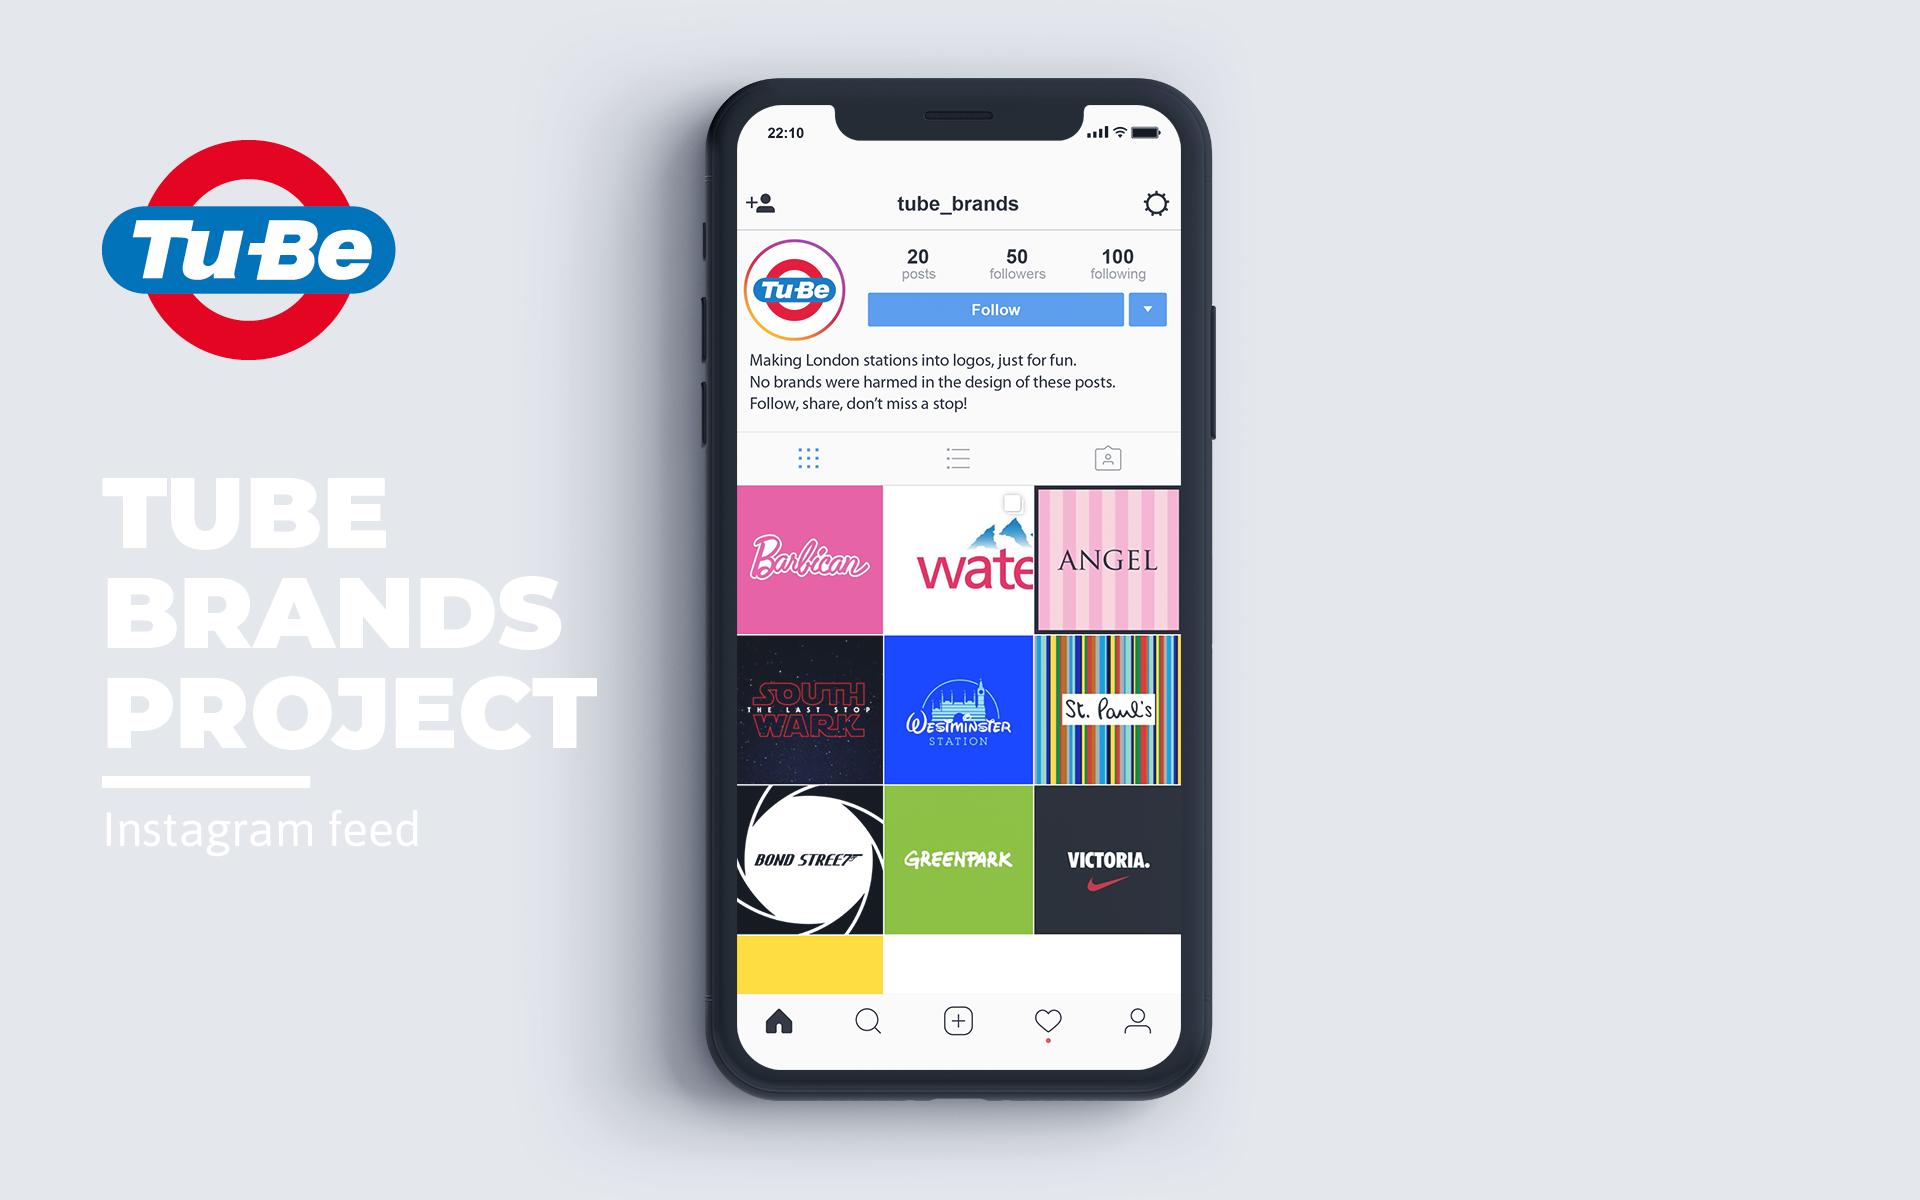 Tube brands Instagram feed